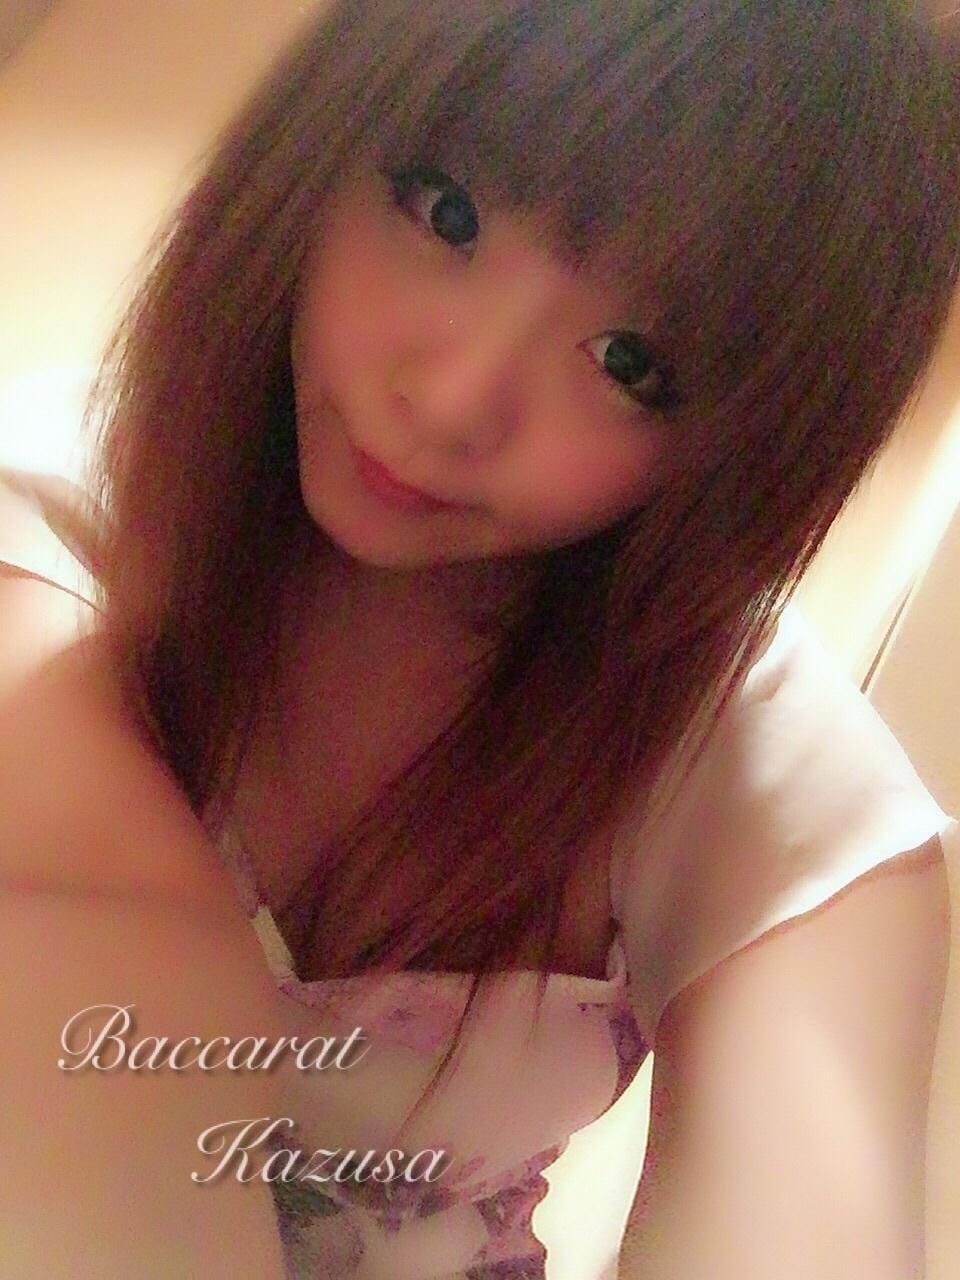 「☆日曜日☆」07/29(07/29) 20:47 | かずさの写メ・風俗動画